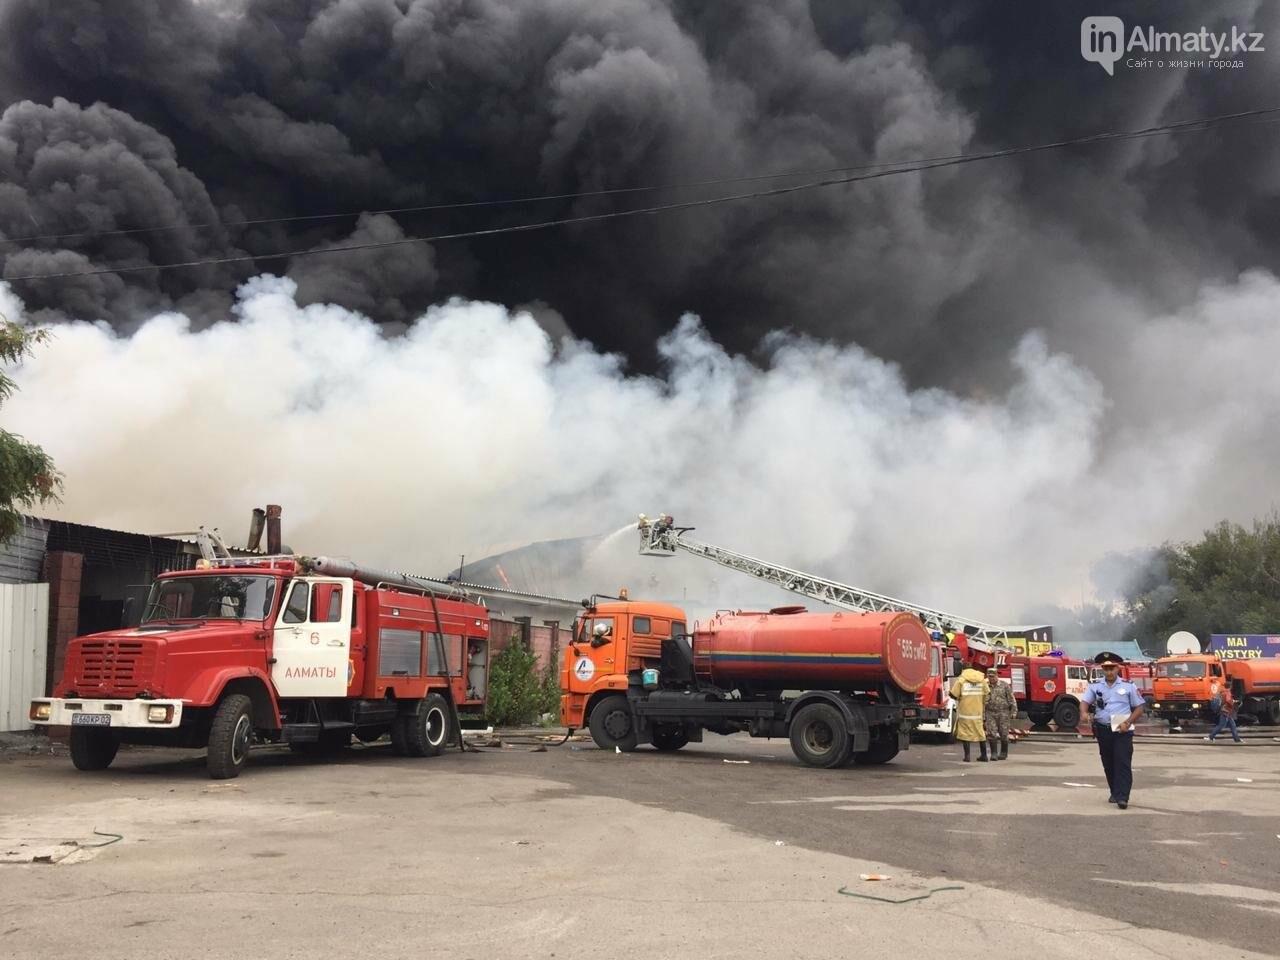 Пожар на складе рынка в Алматы: вертолеты направили на тушение, фото-1